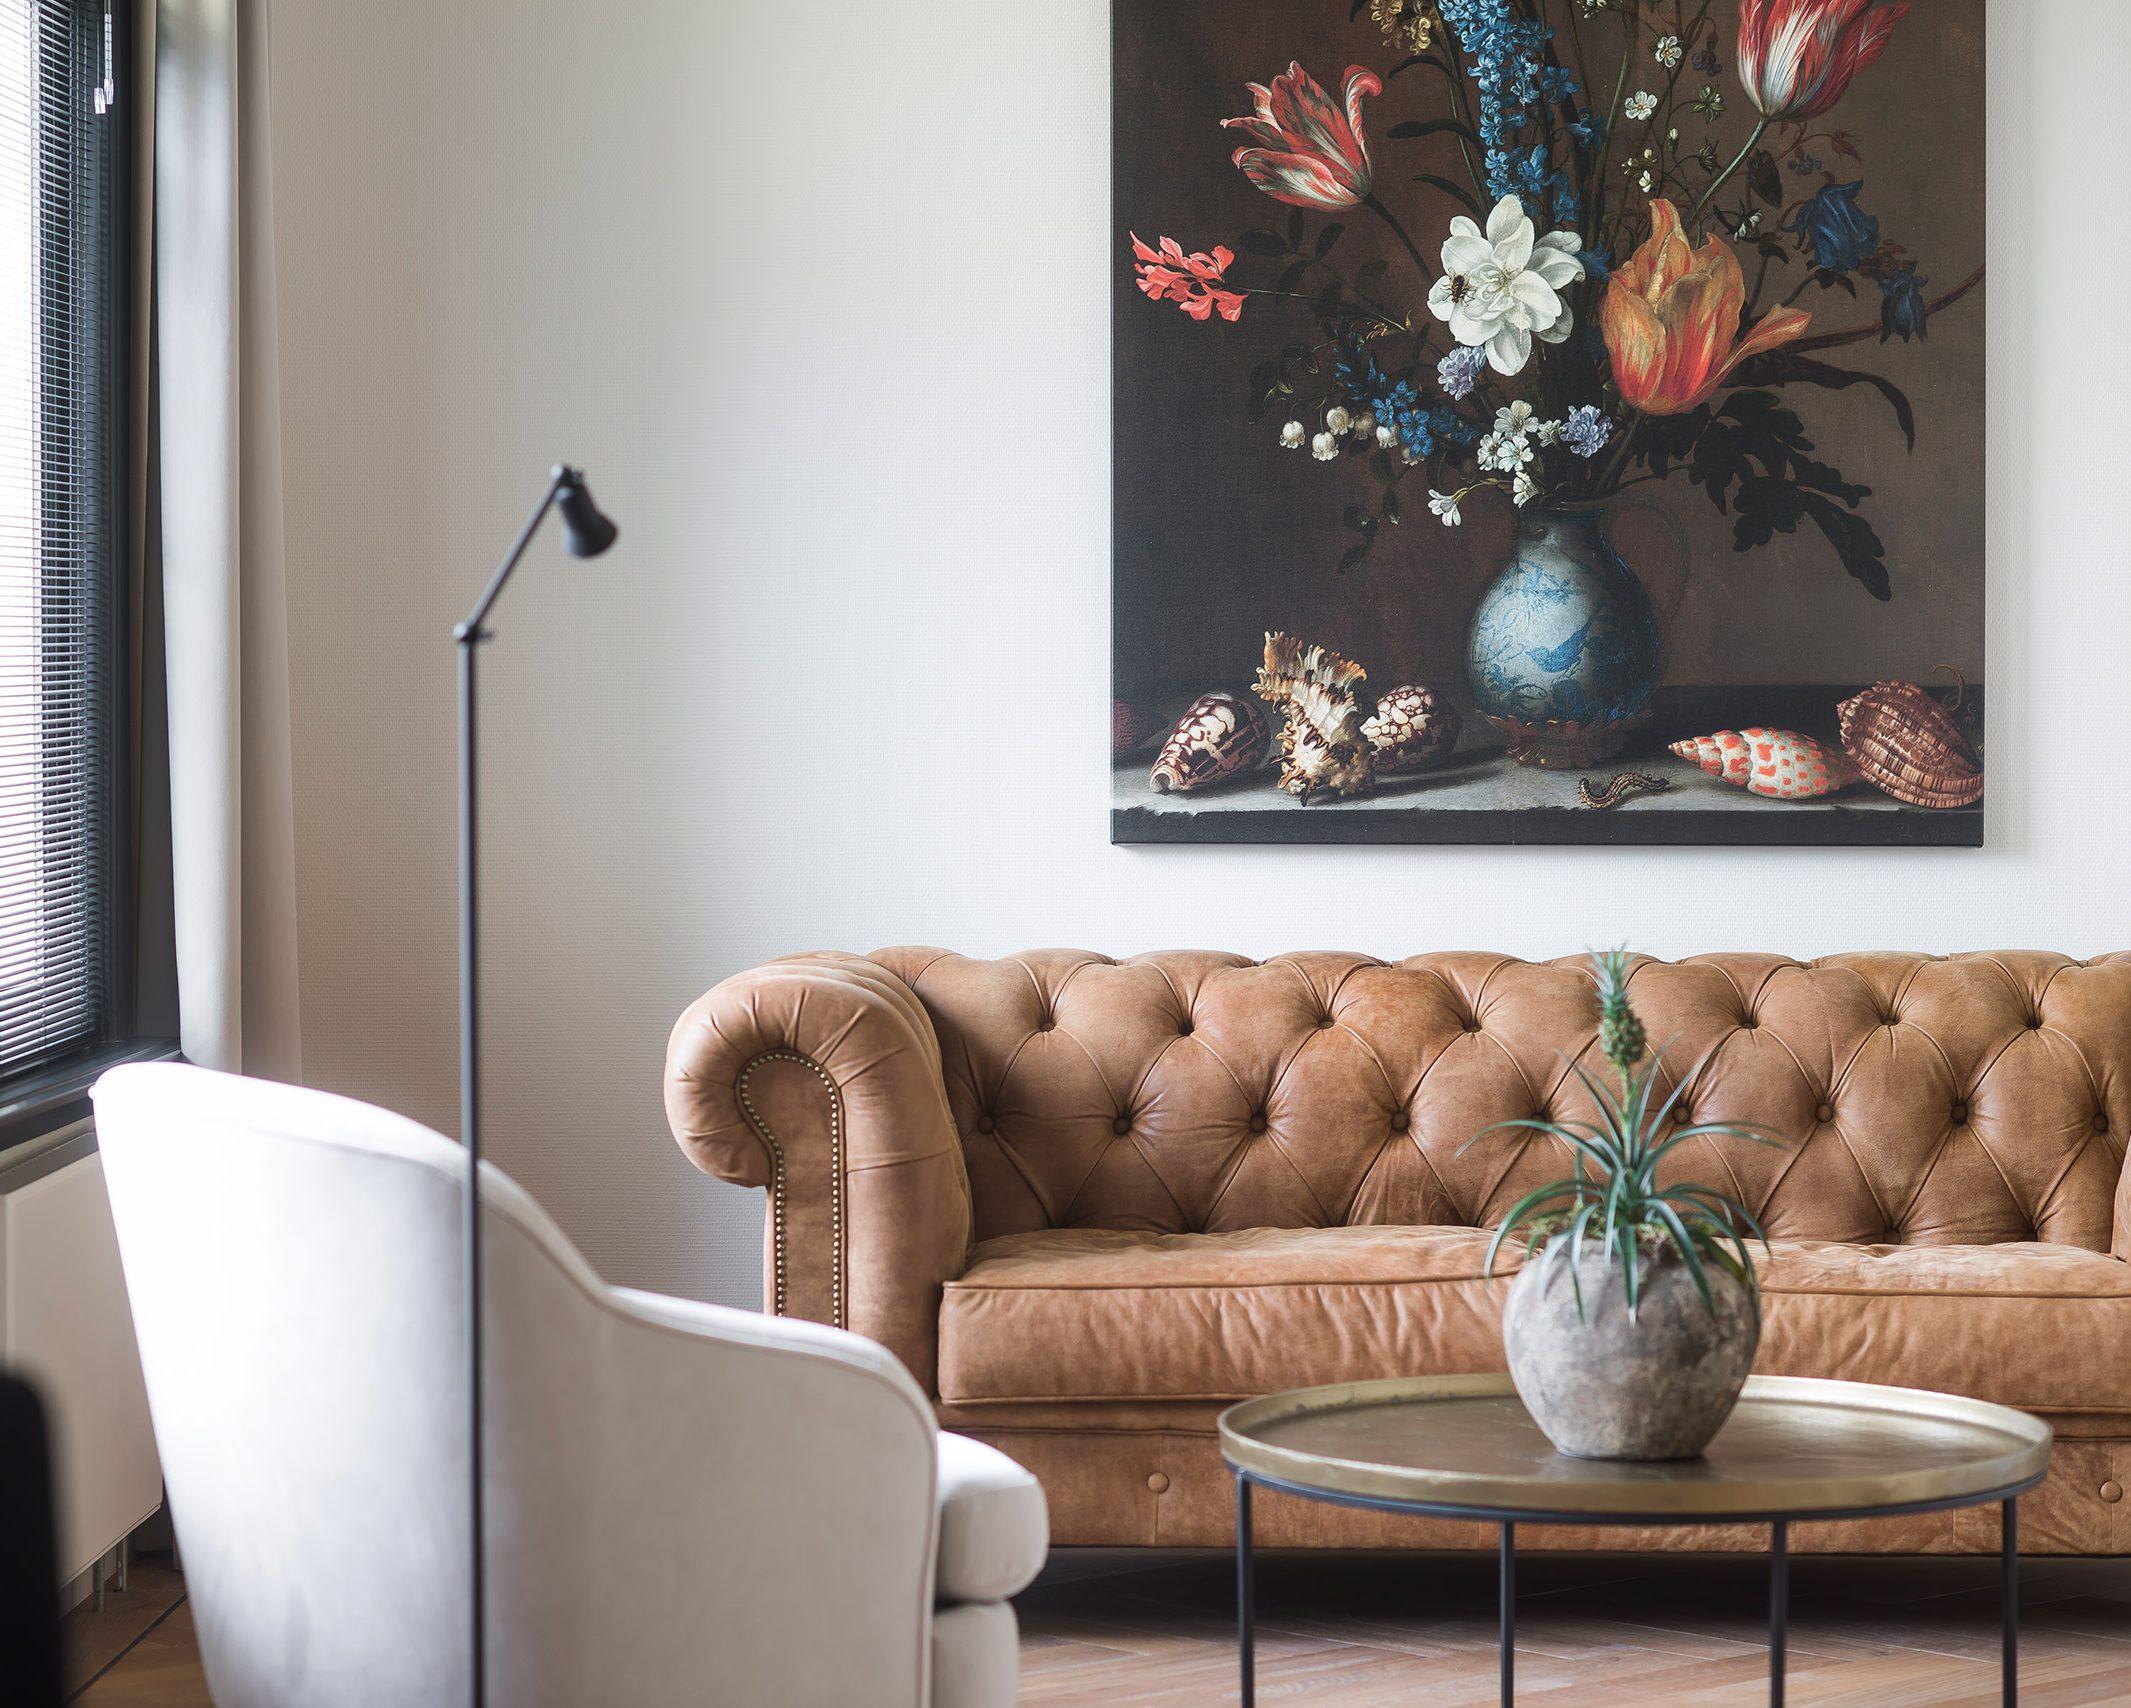 Villa de Eerdbeek RelatieSuite duurzame relaties - Essention Groep